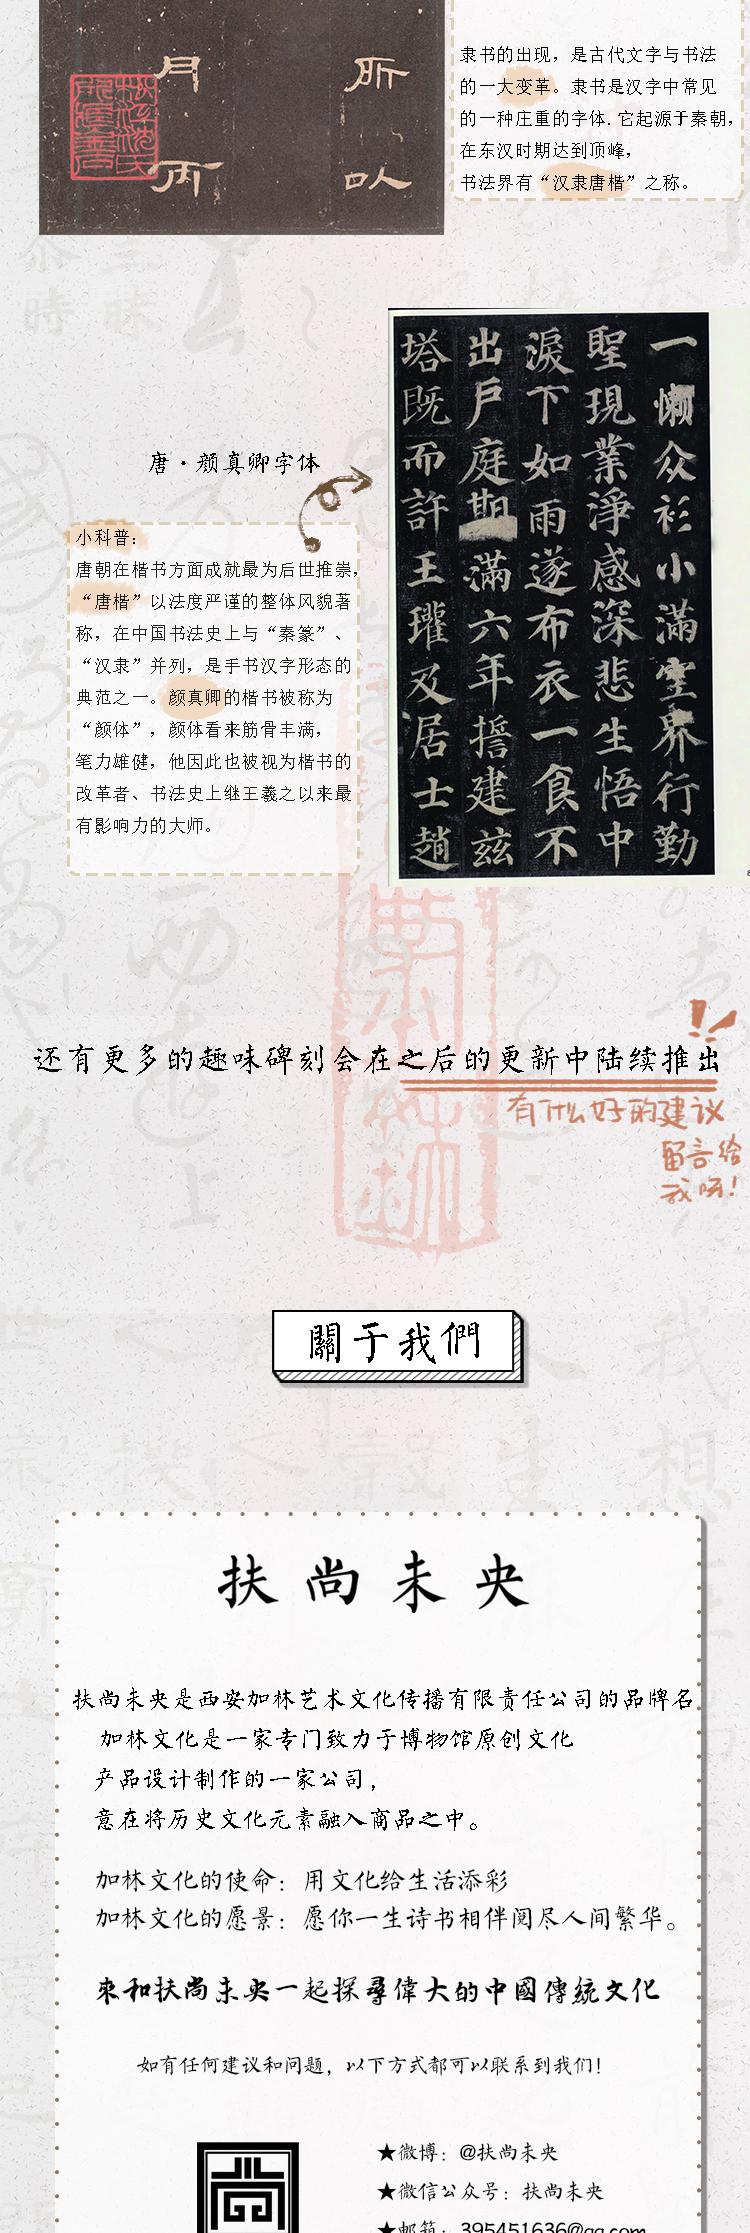 众筹文条2_07.jpg